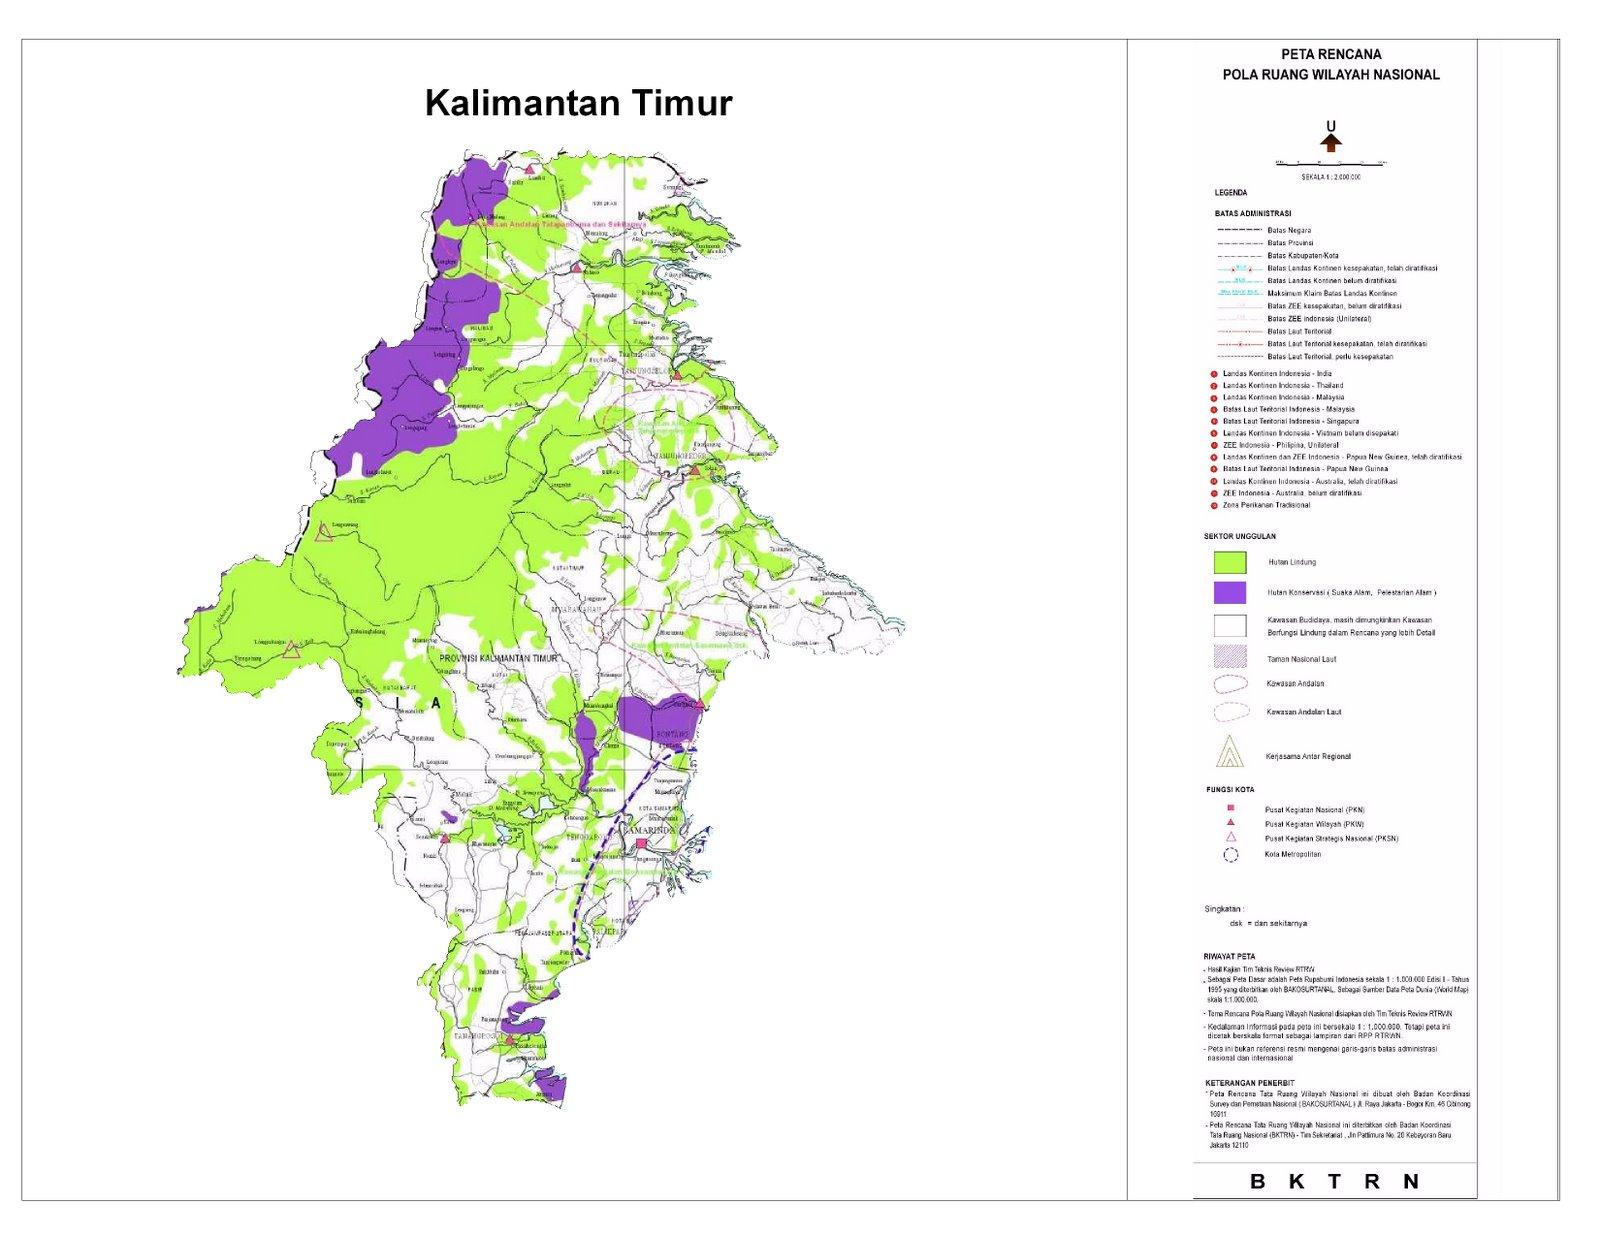 Proyeksi RTWN Terhadap Provinsi Kalimantan Timur